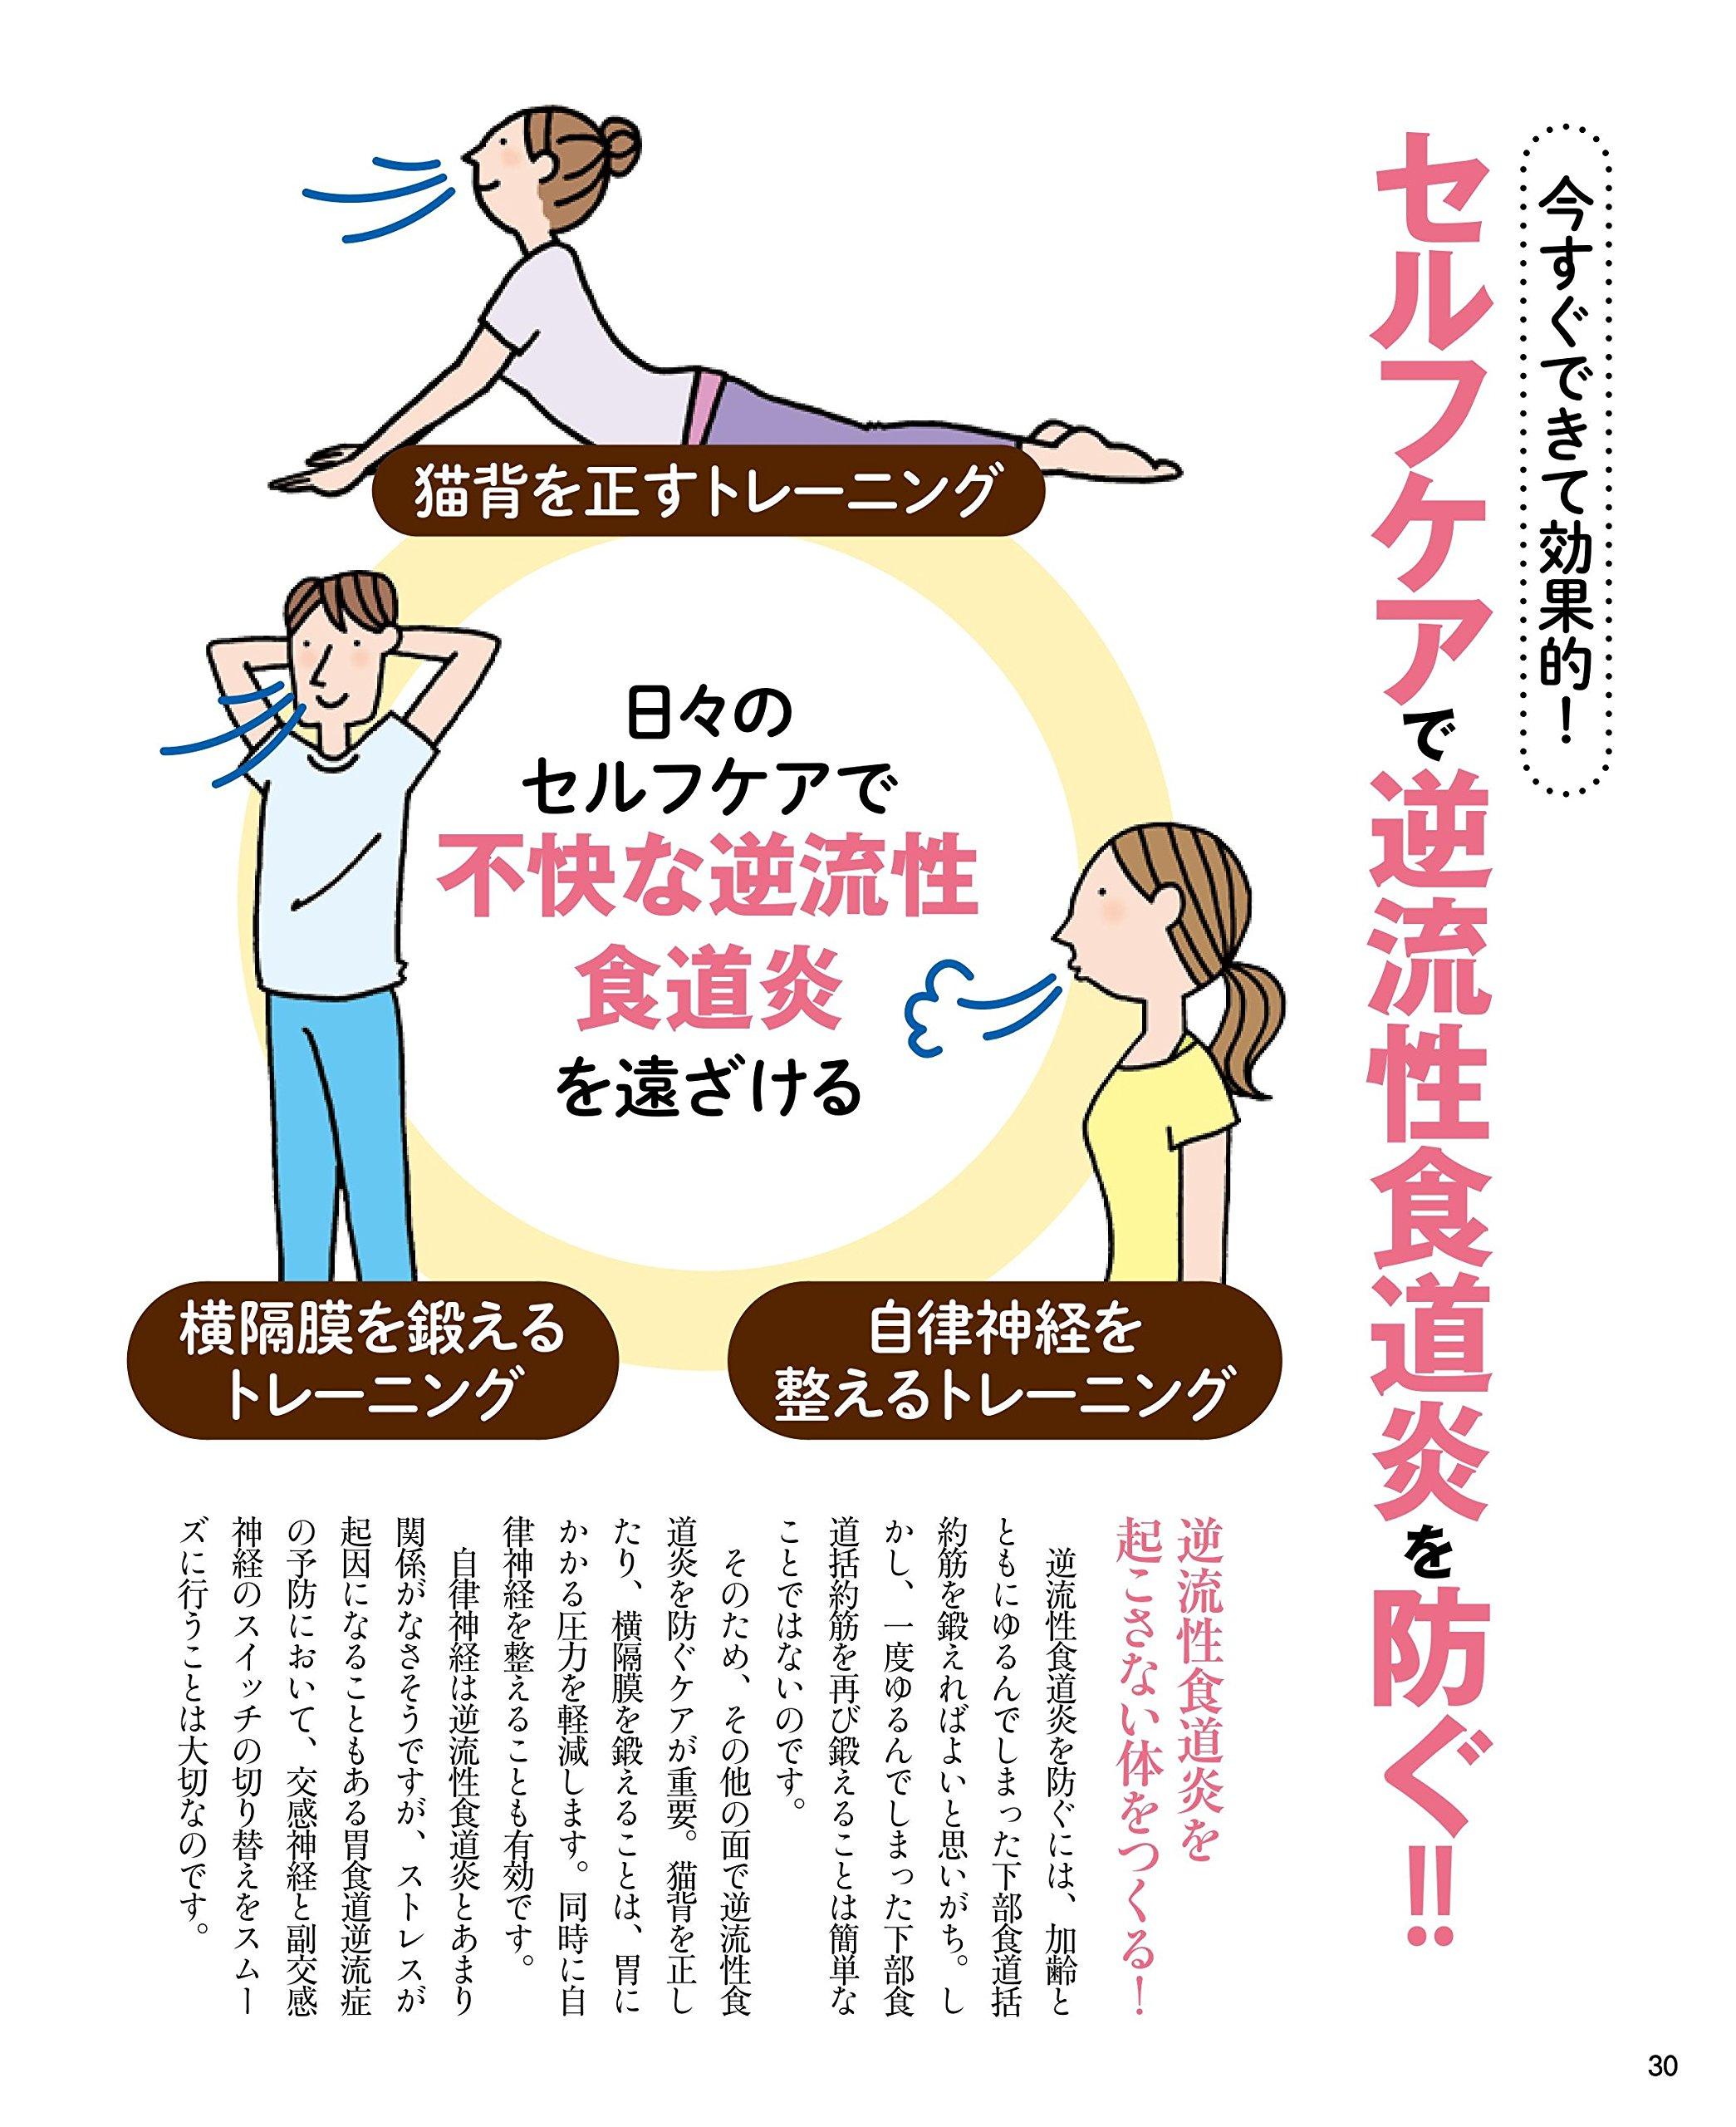 炎 運動 性 食道 逆流